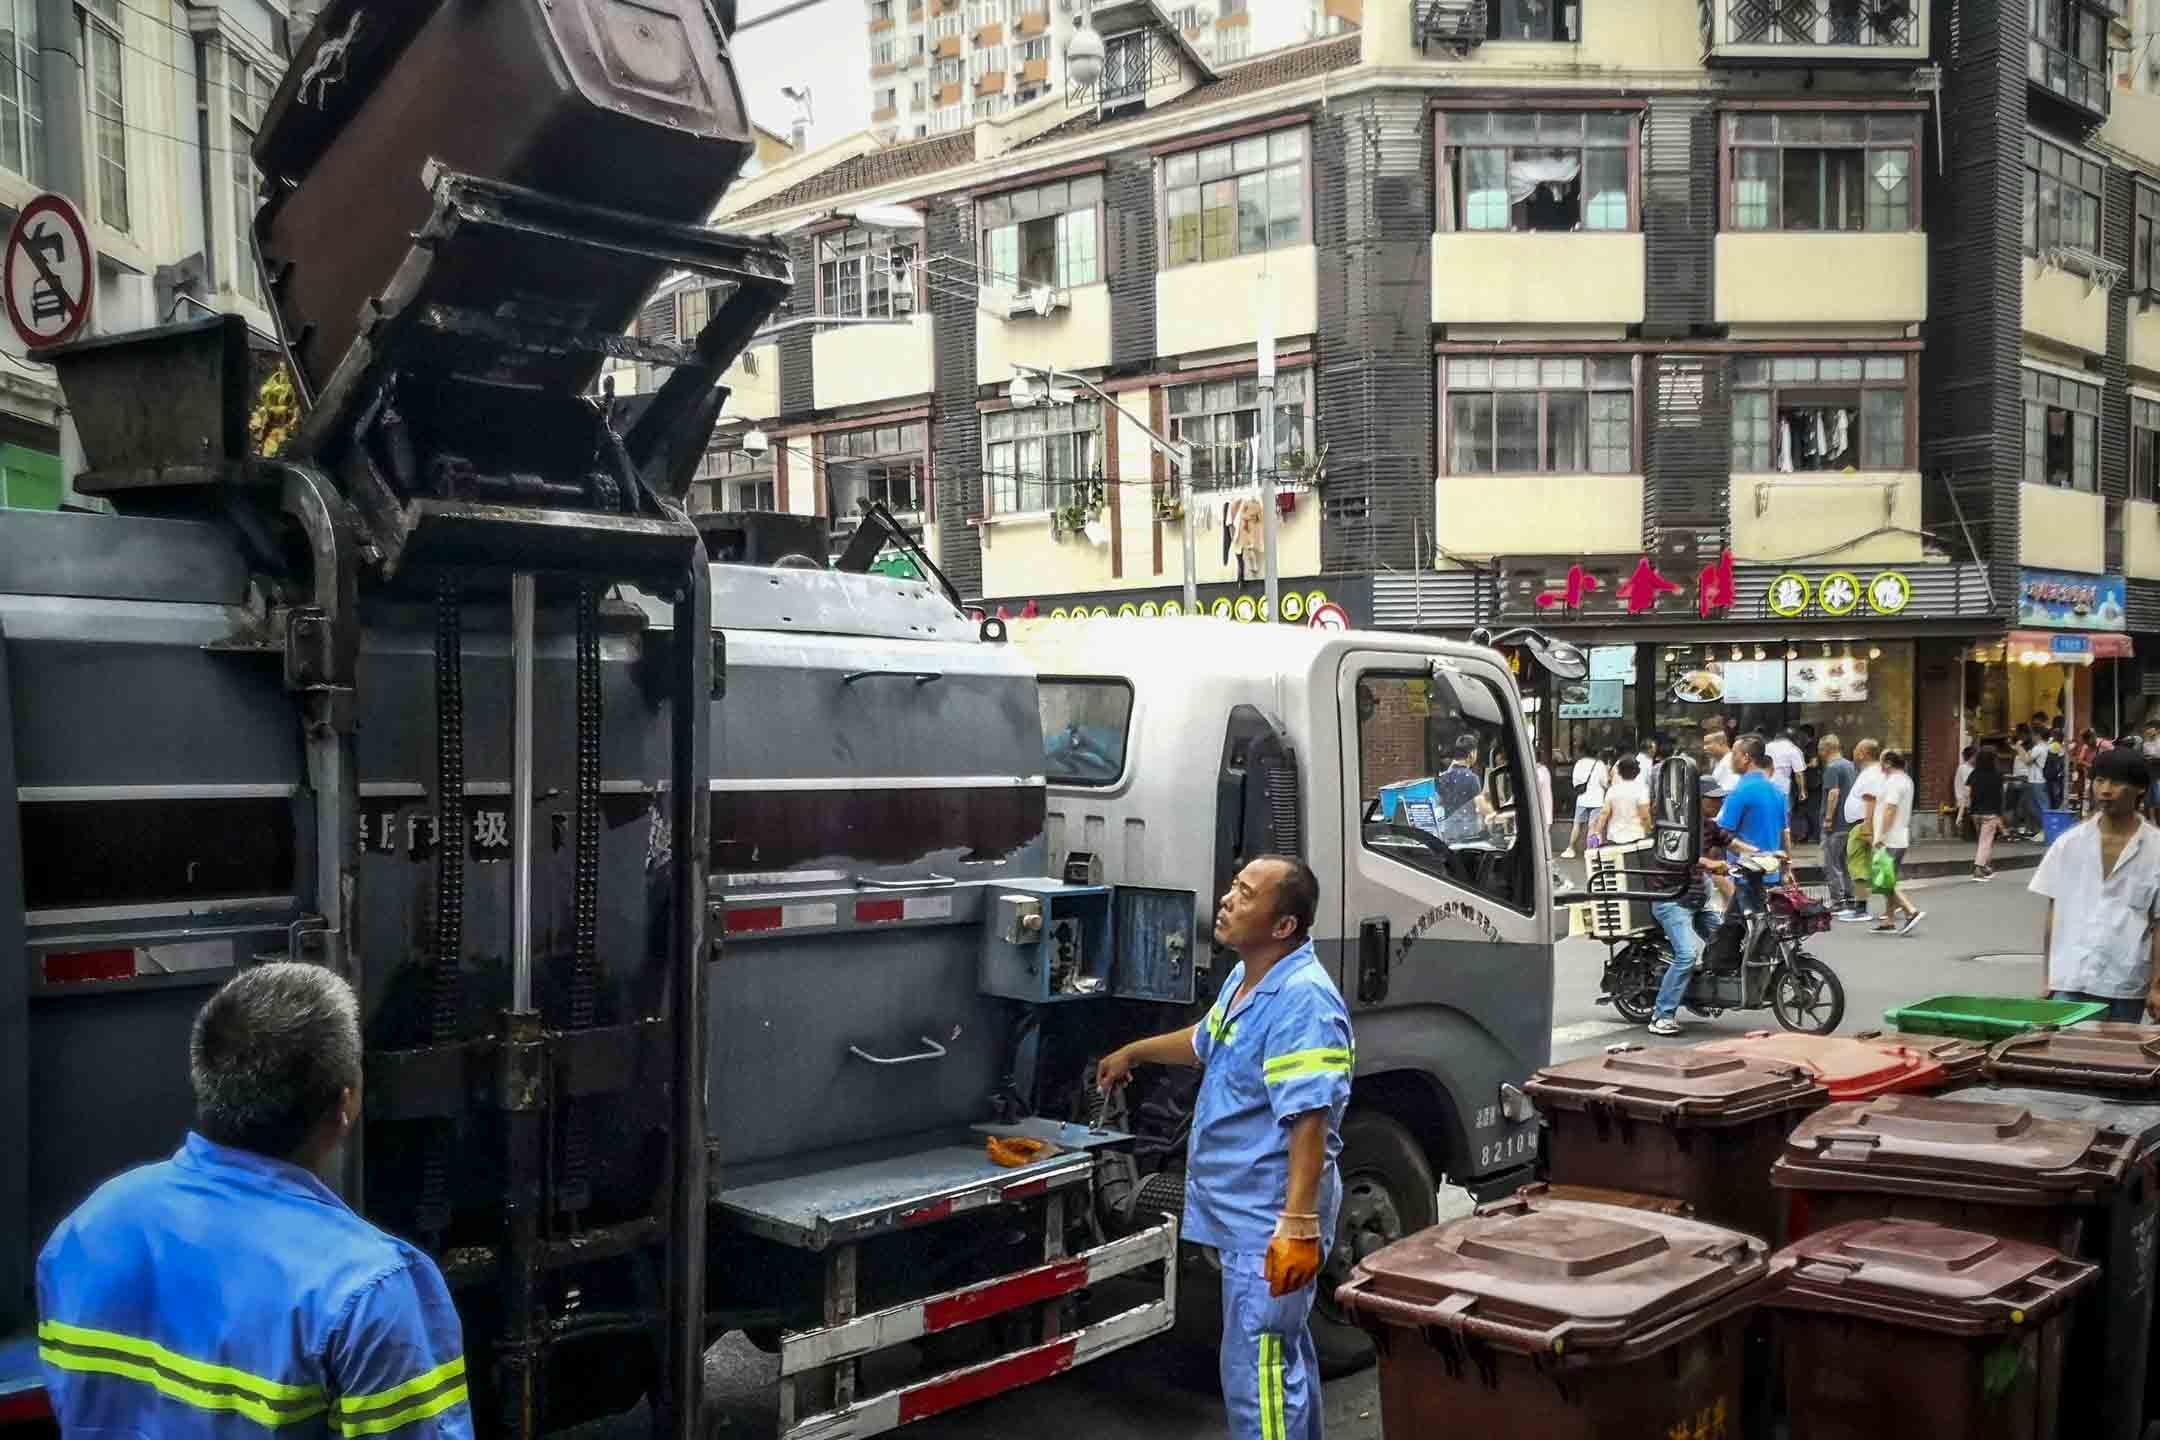 2019年7月4日,上海穿著藍色工作服的人員在街上處理垃圾。 圖:IC photo